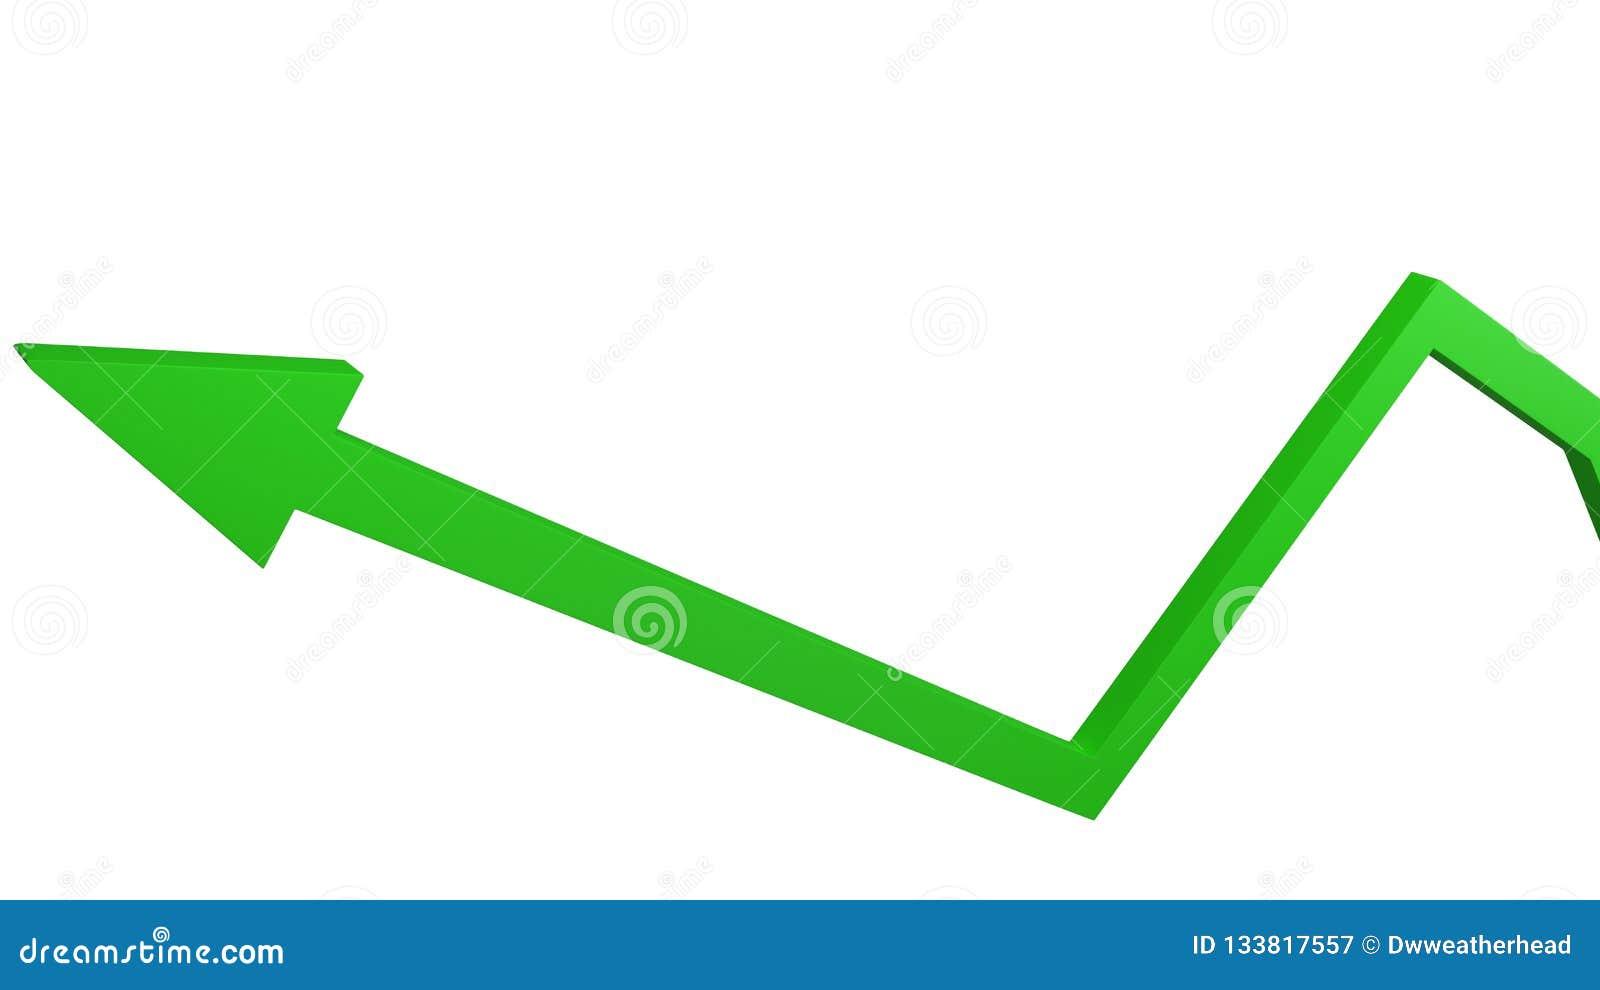 Seta verde que representa o conceito do crescimento econômico e do sucesso comercial isolados no branco